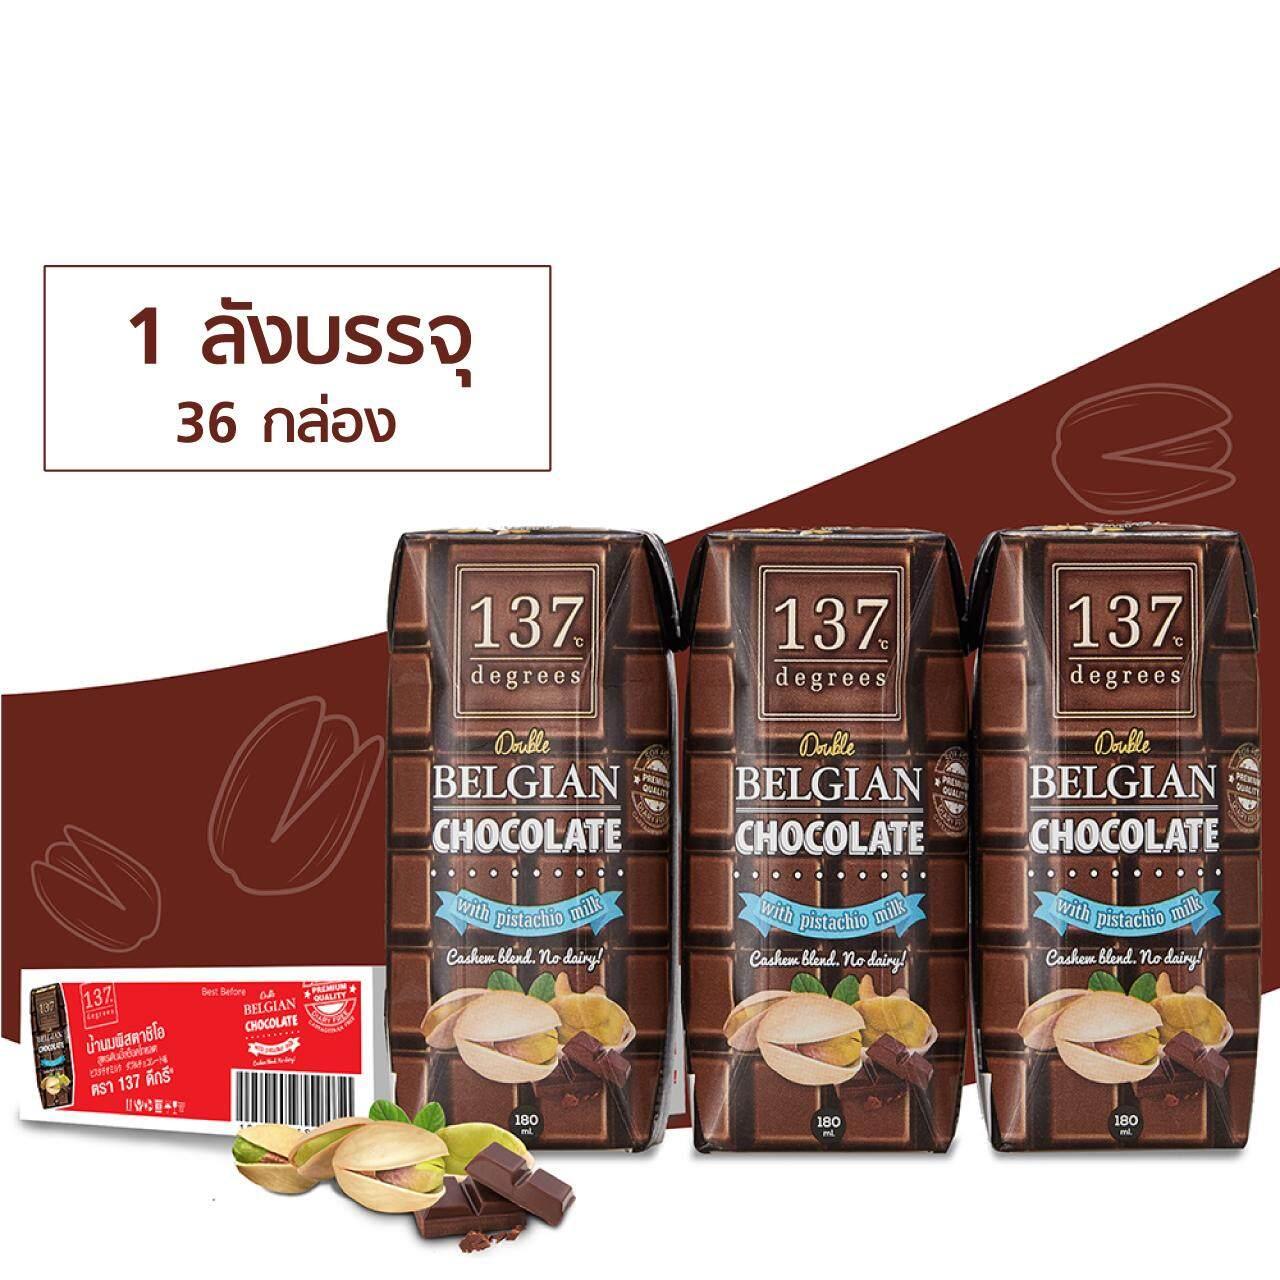 137 ดีกรี®นมพิสตาชิโอ สูตรดับเบิลช็อคโกแลต ขนาด 180 มล.